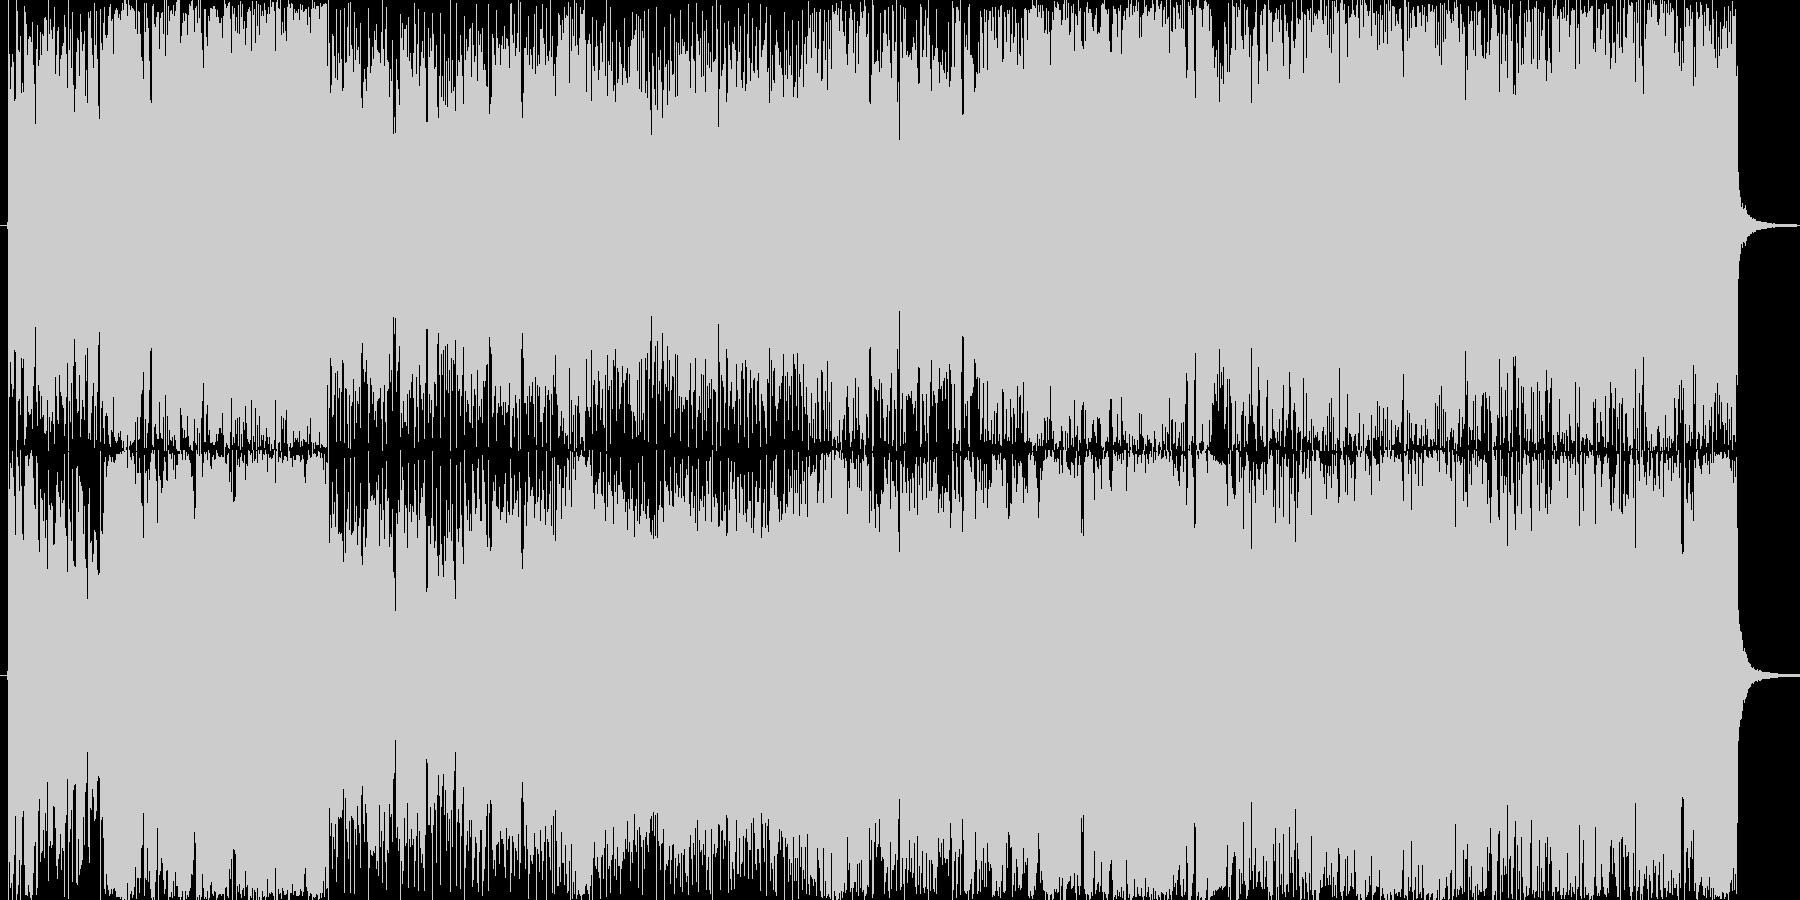 ノリノリなロック・ポップの未再生の波形